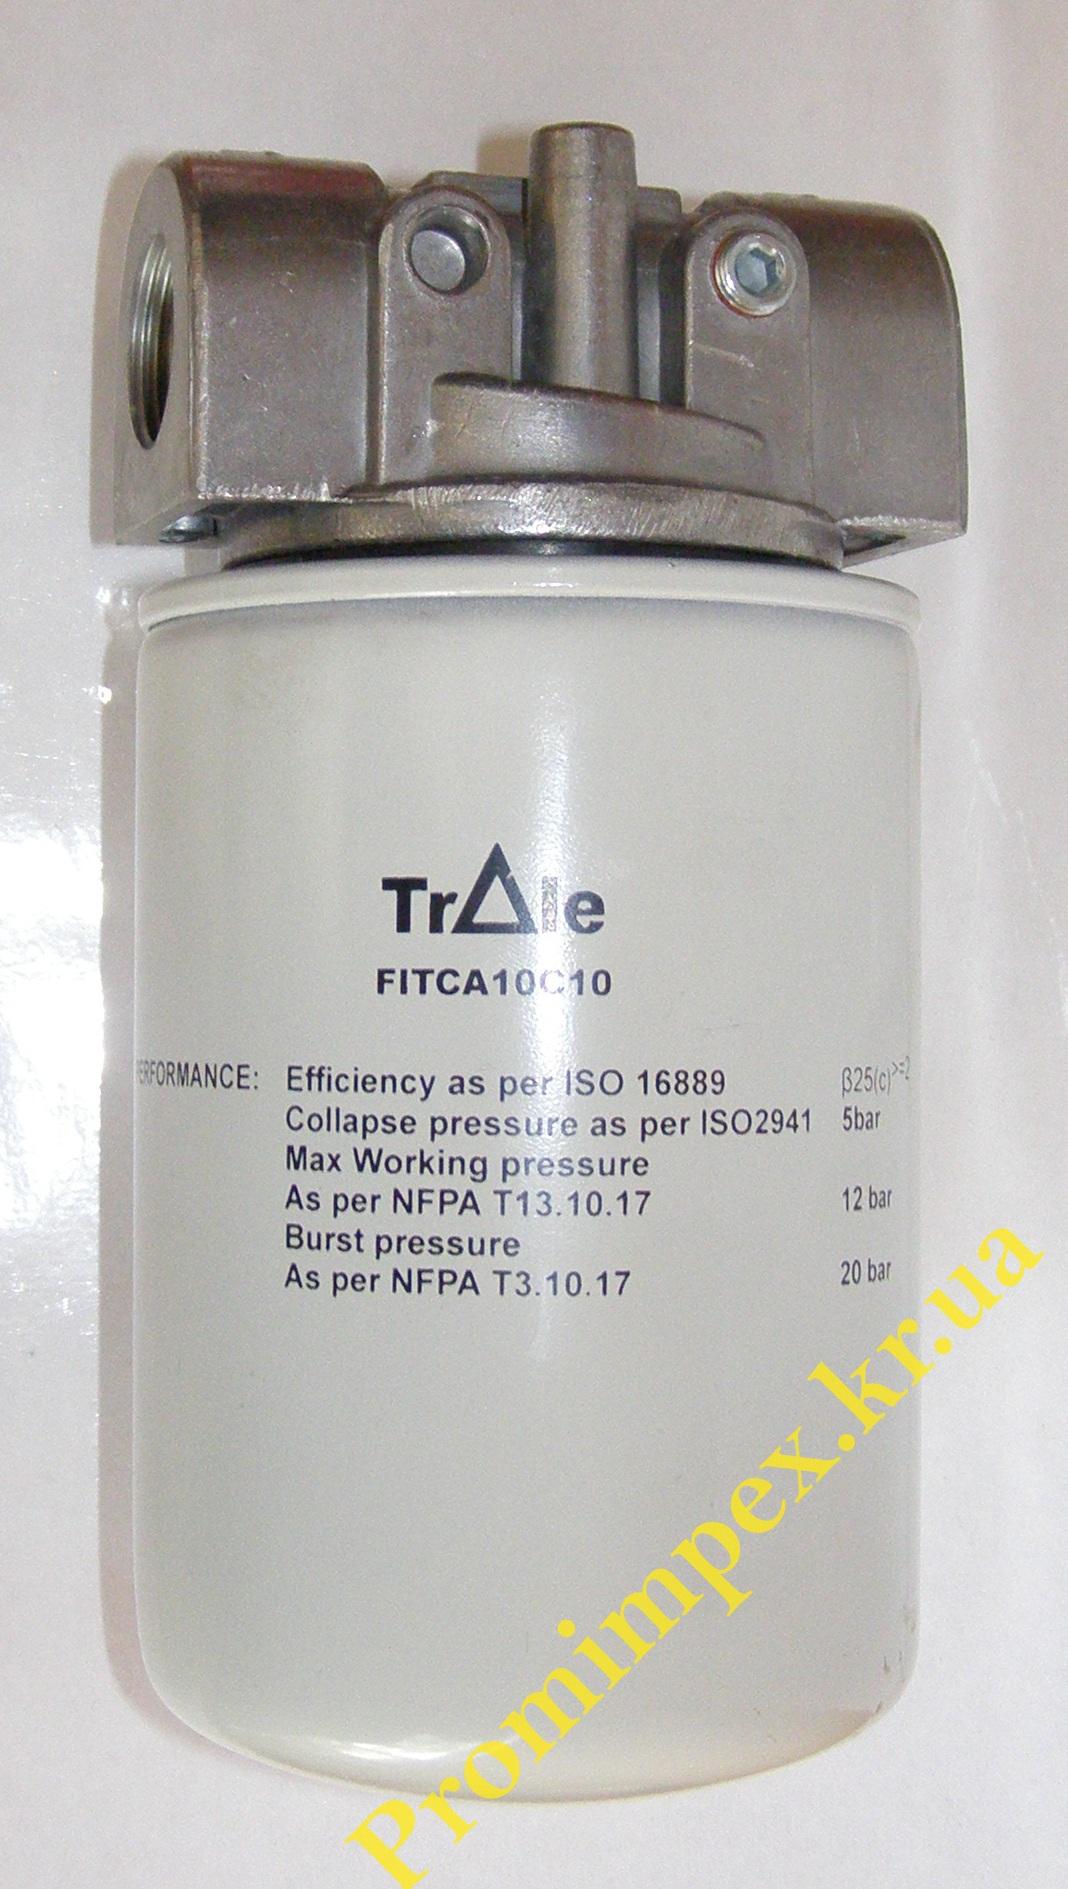 Фильтр для гидравлических магистралей FIT CA10C10 DICSA